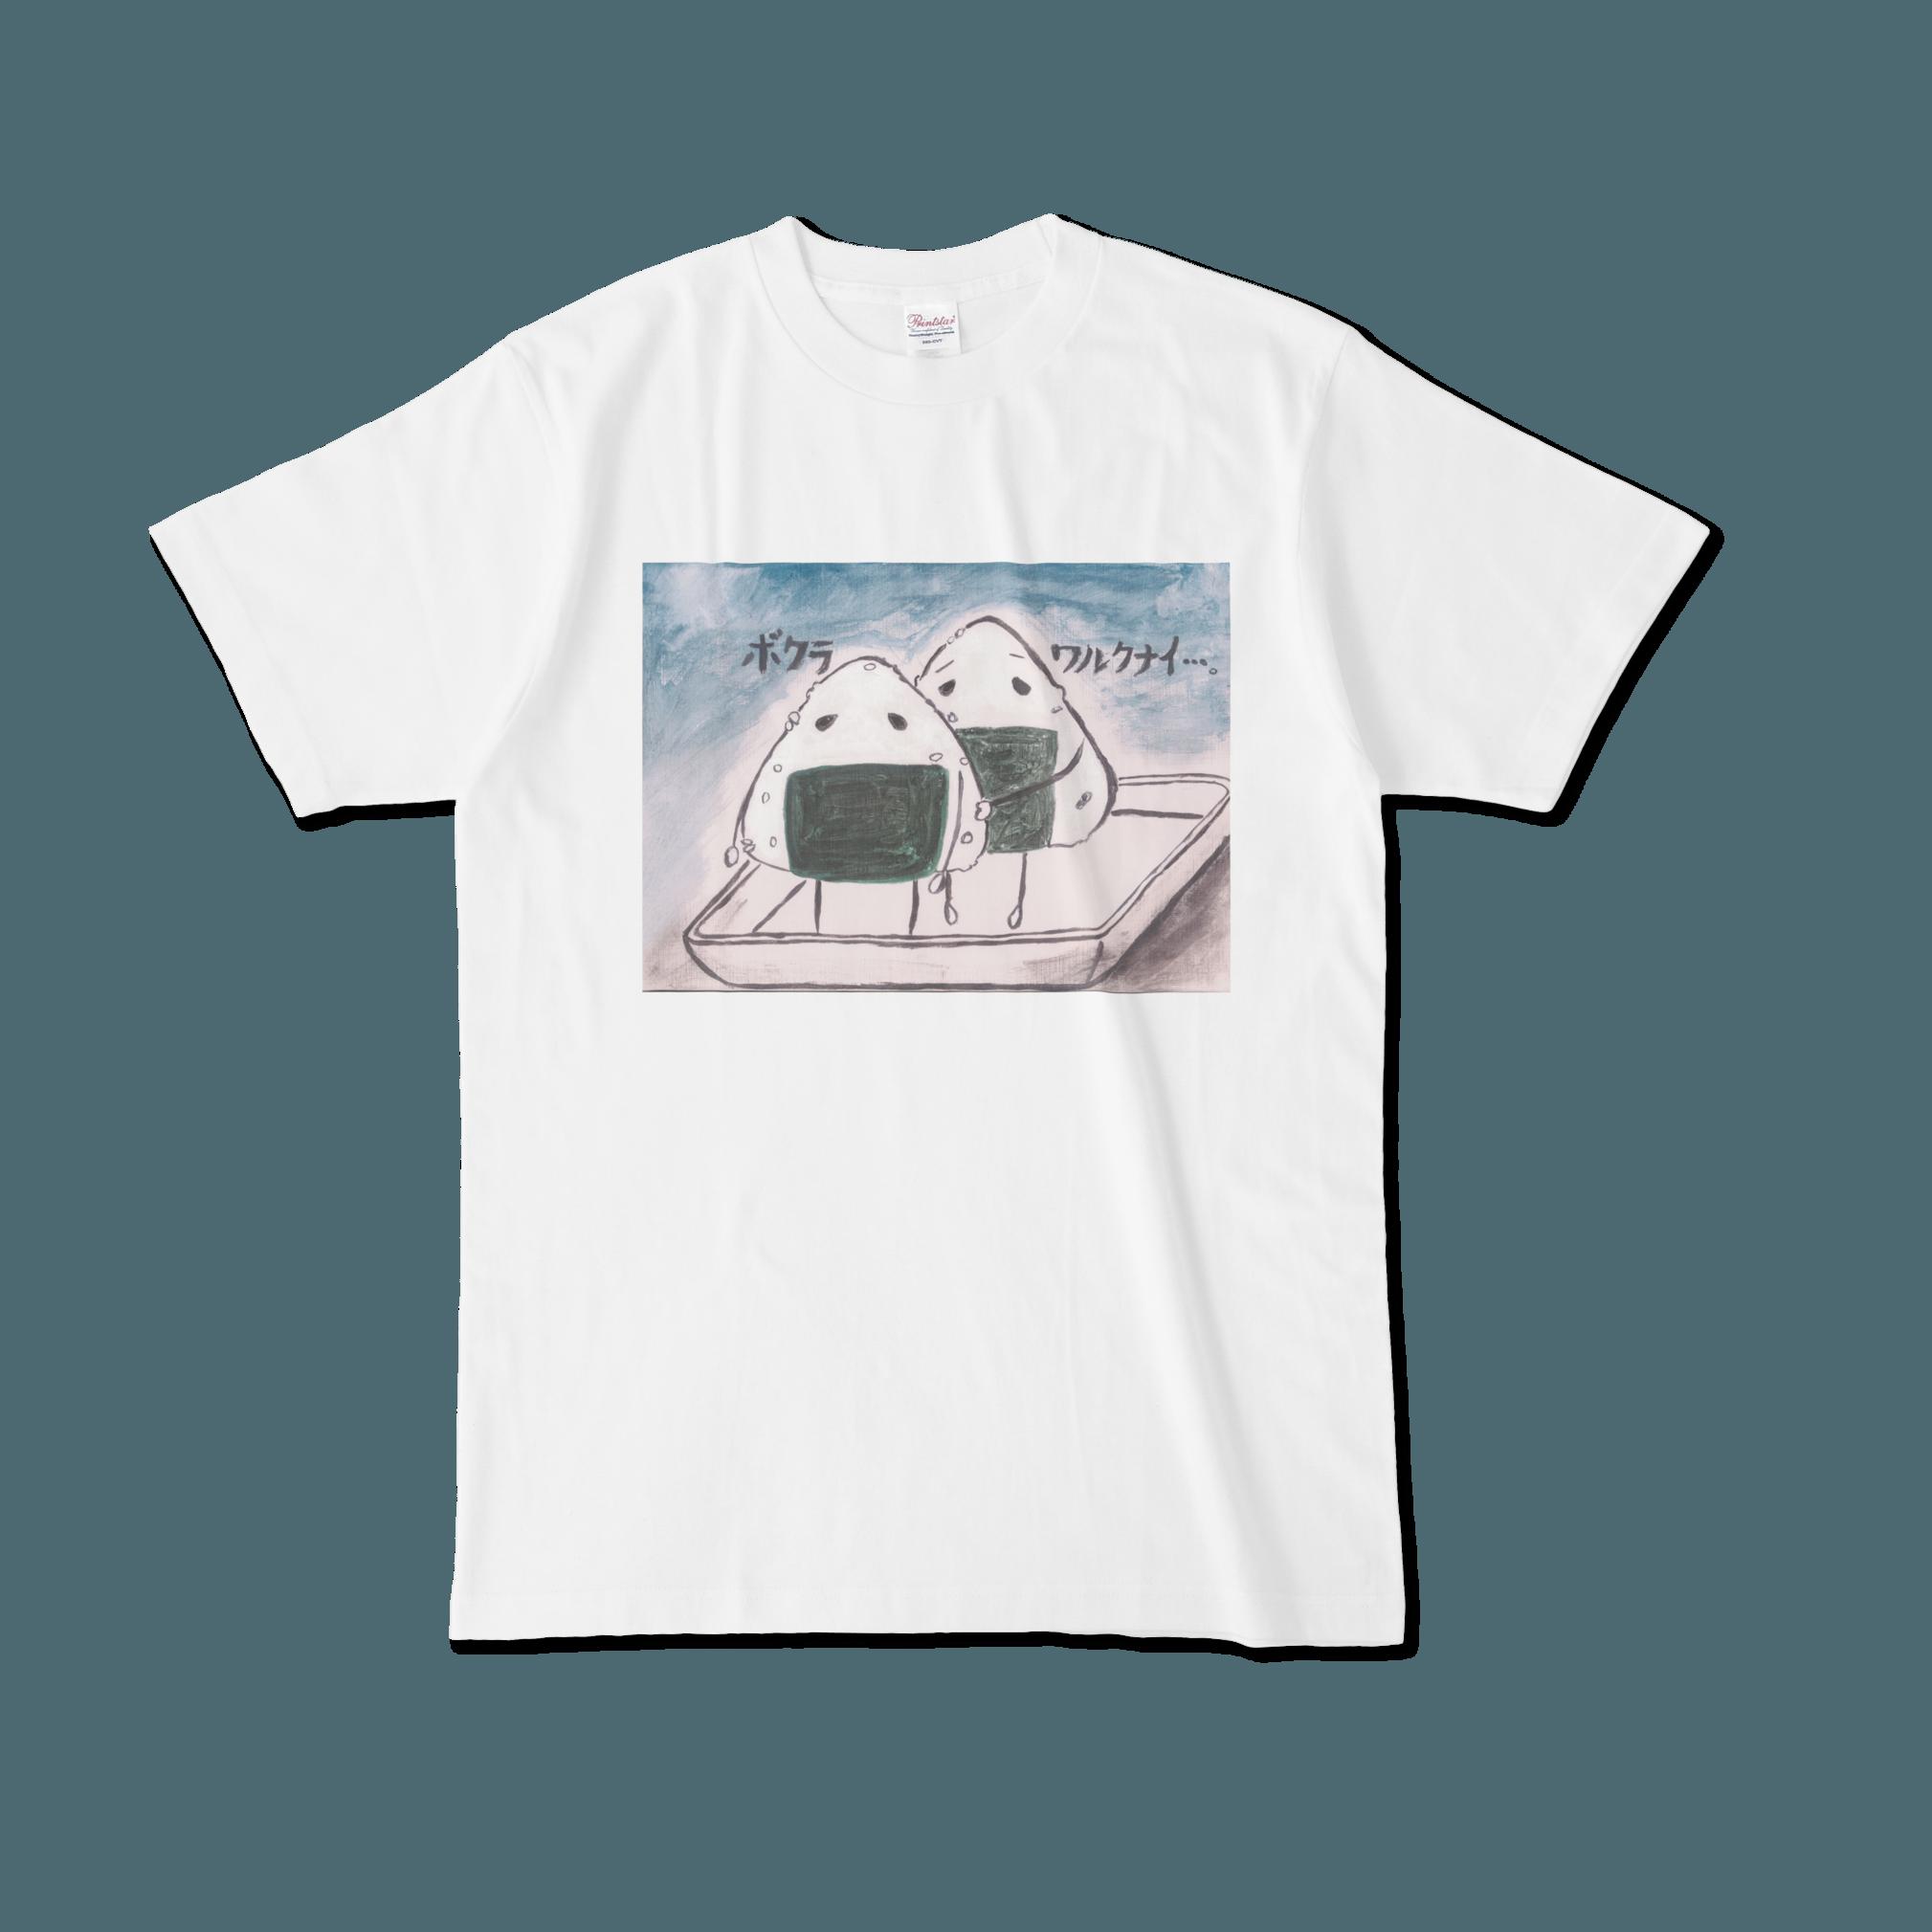 【税込・送料無料】髙石彩乃デザインTシャツ「ダレガワルイノ」